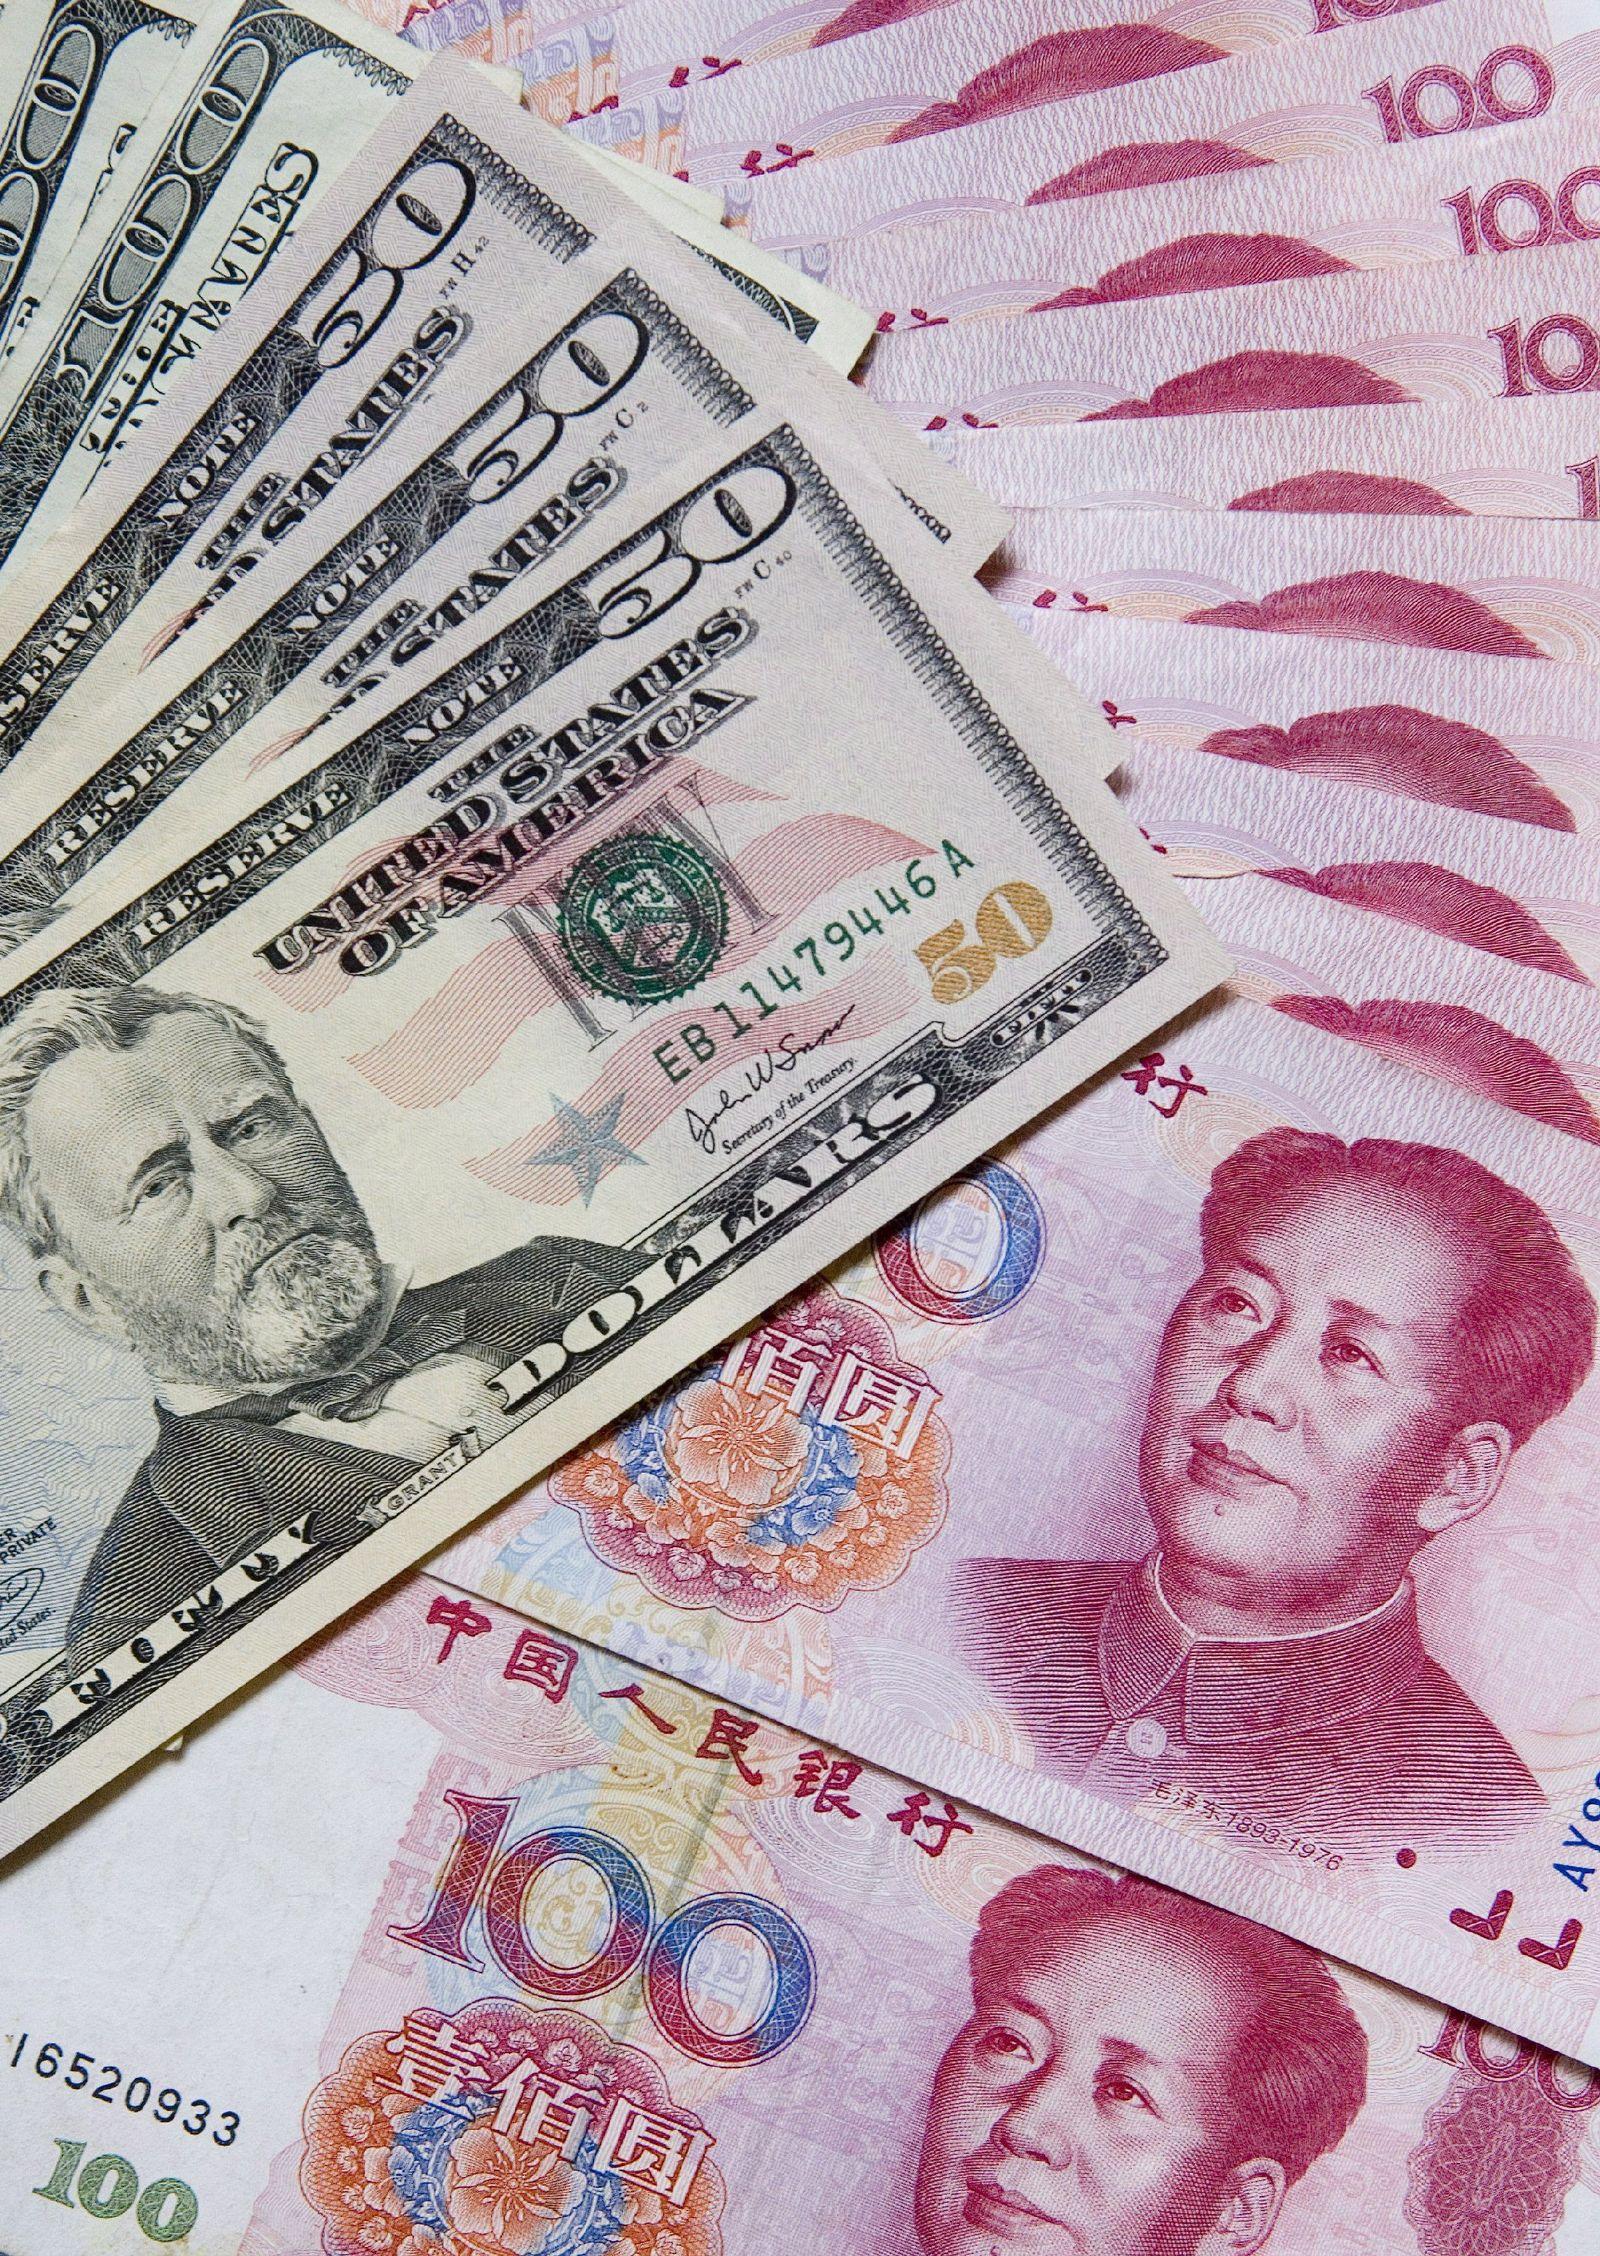 Chinesische Juan-Banknoten und US-Dollars